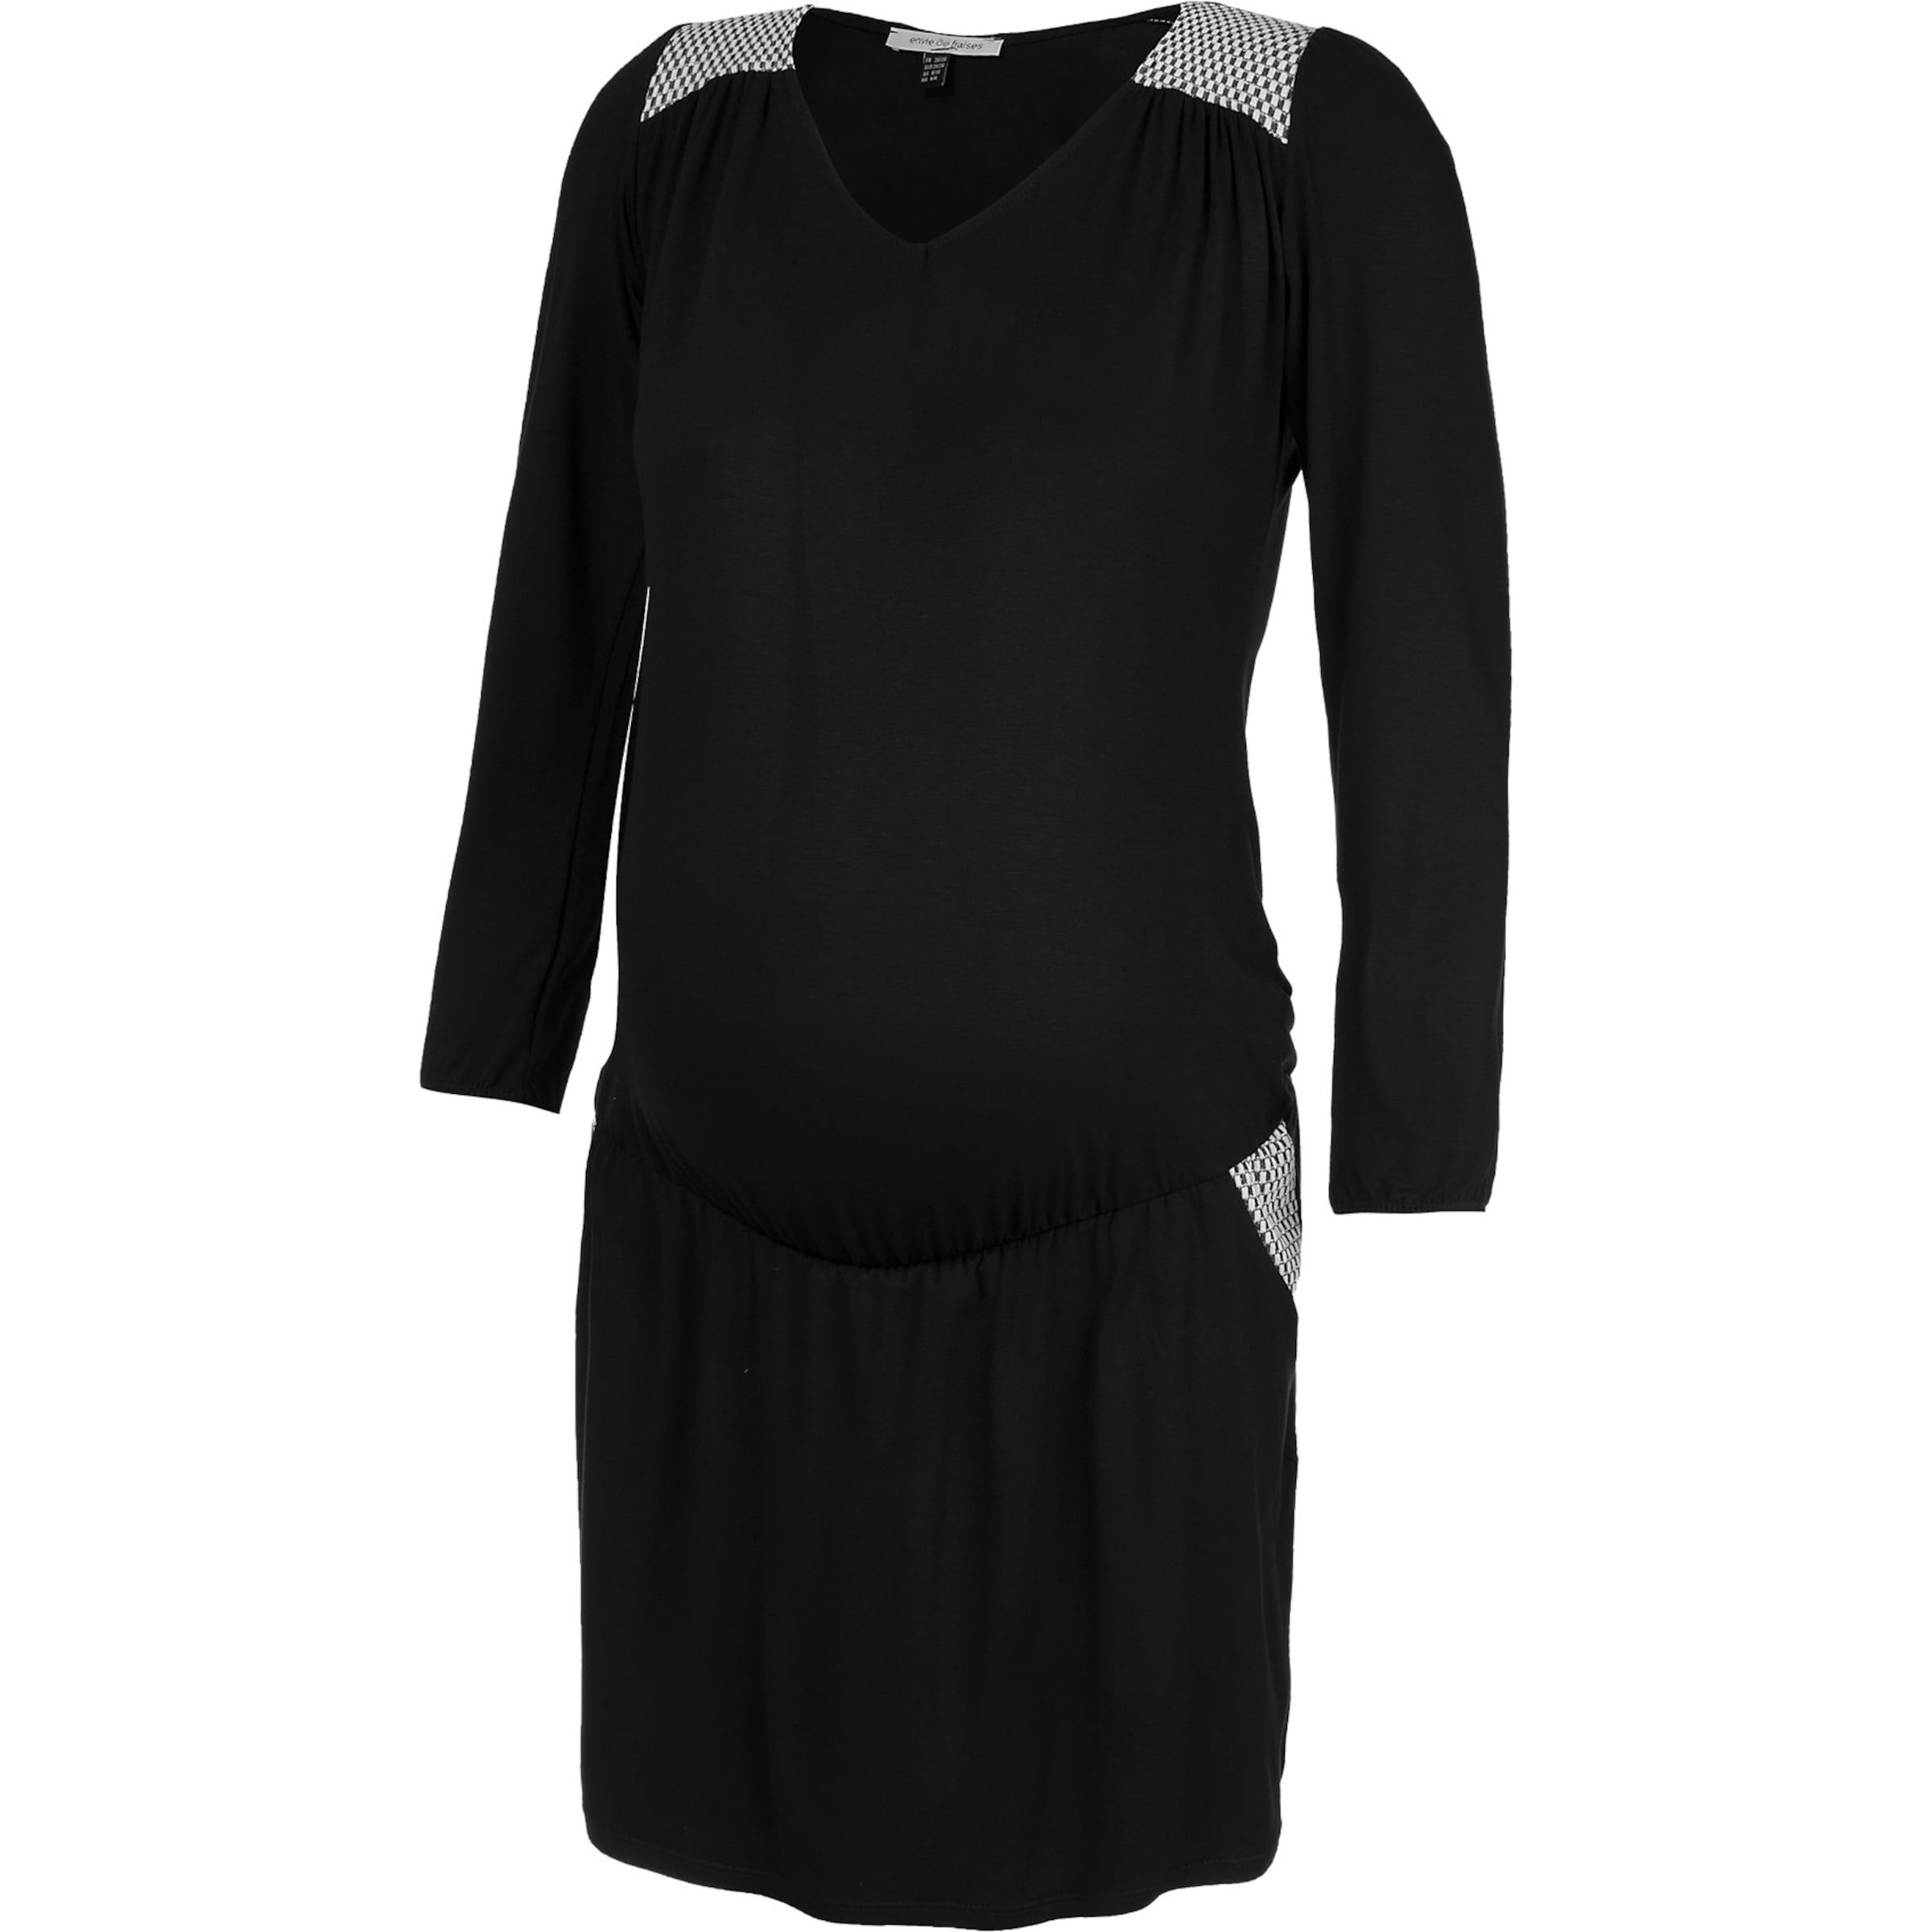 Kleid De 'kimyml' Envie In Fraise SchwarzWeiß 2D9IWEHeY